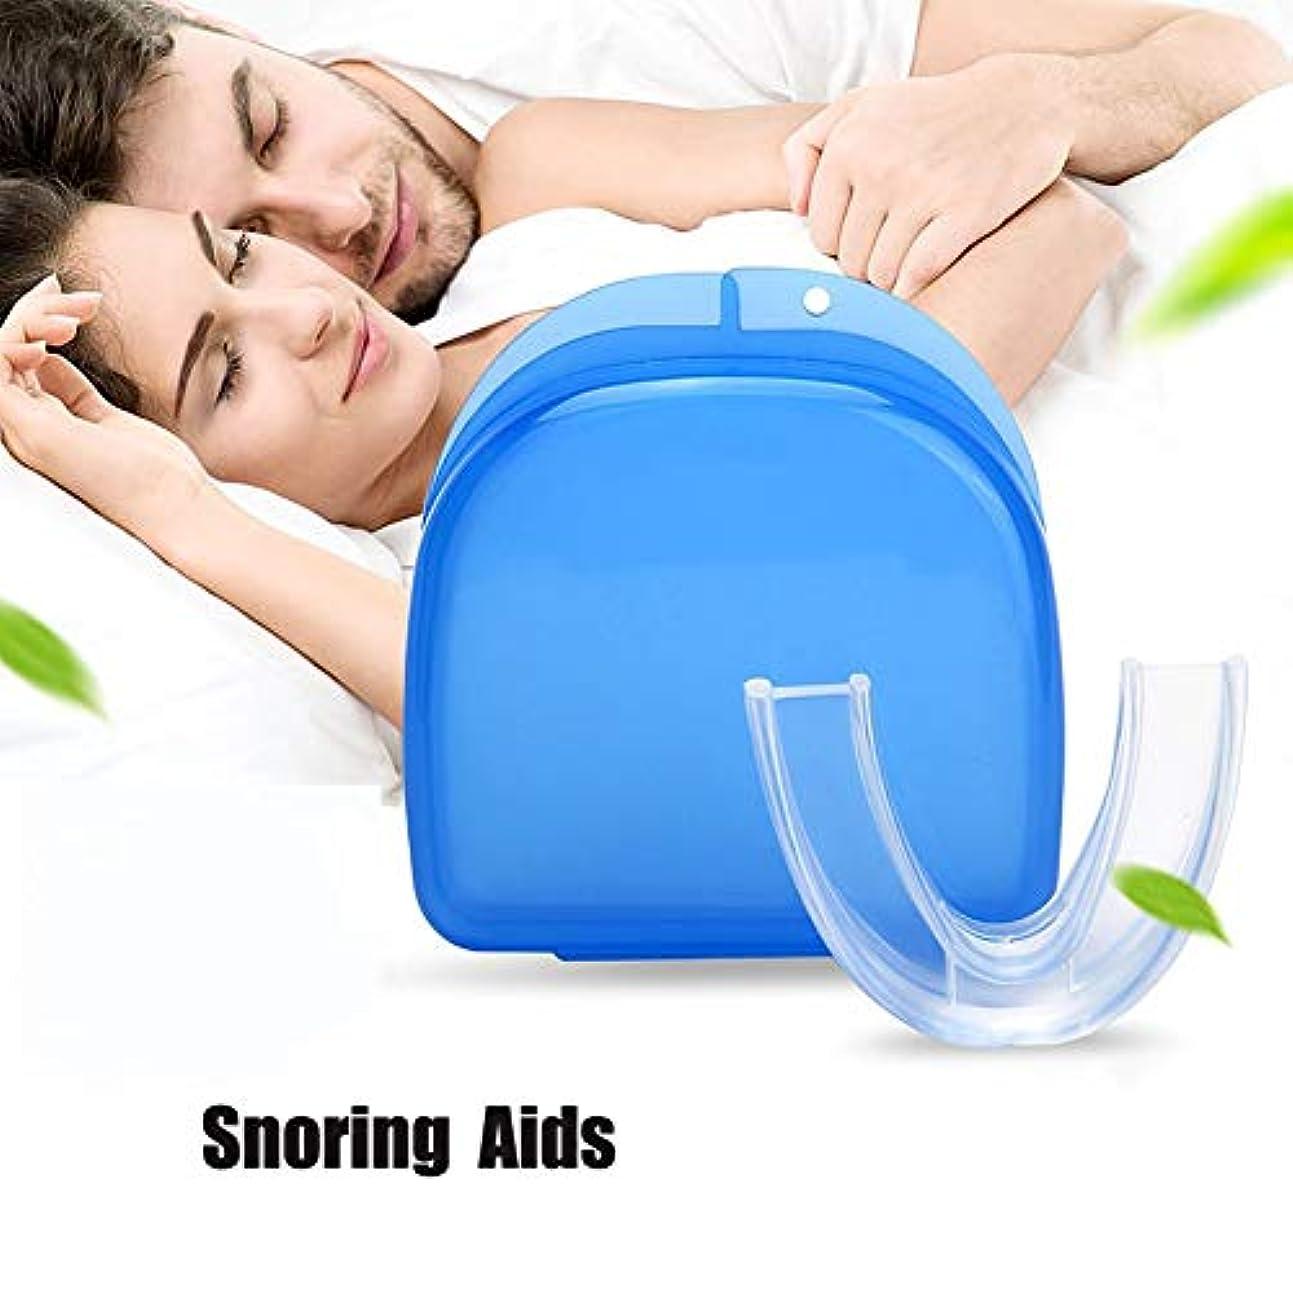 内部従う自己安全なシリコーンアンチいびき、いびき止めソリューション品質ツール睡眠とハーモニーライフ健康睡眠ツール、3個